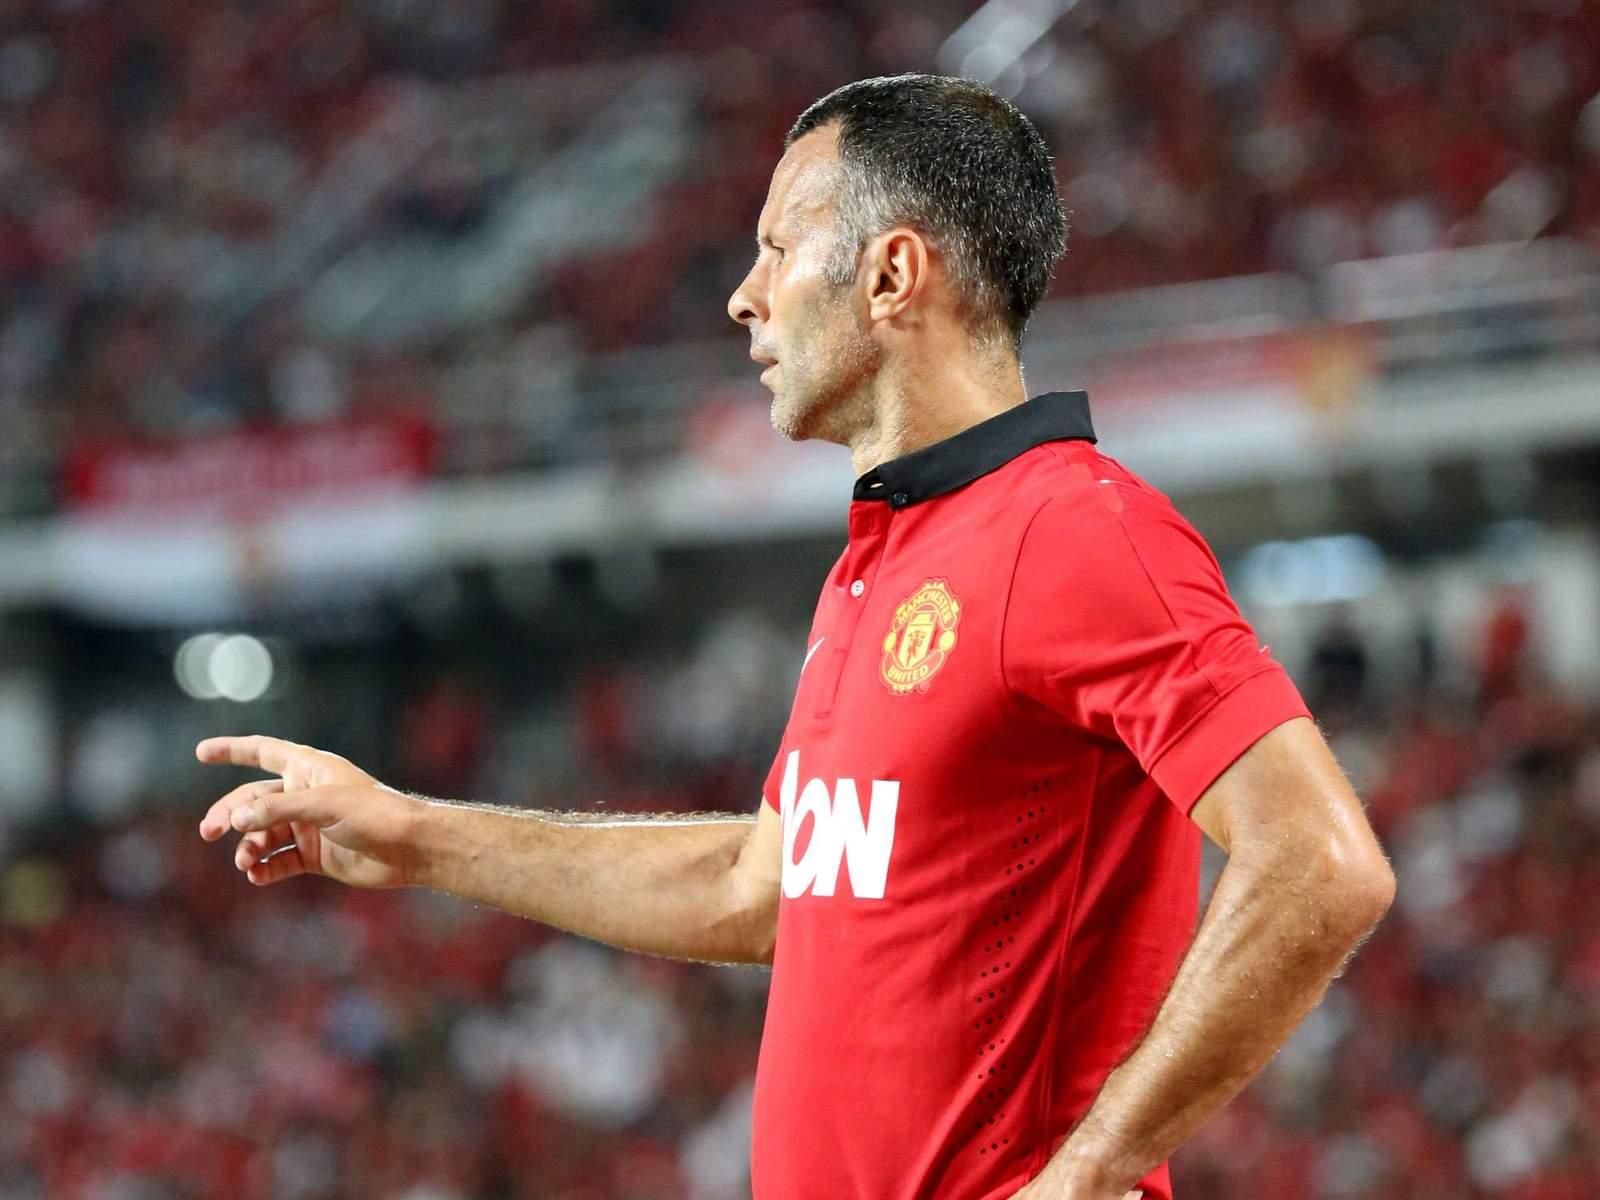 Гиггз: «Считаю, что «Манчестер Юнайтед» нужно три игрока, что достичь уровня «Ливерпуля» и «Манчестер Сити»